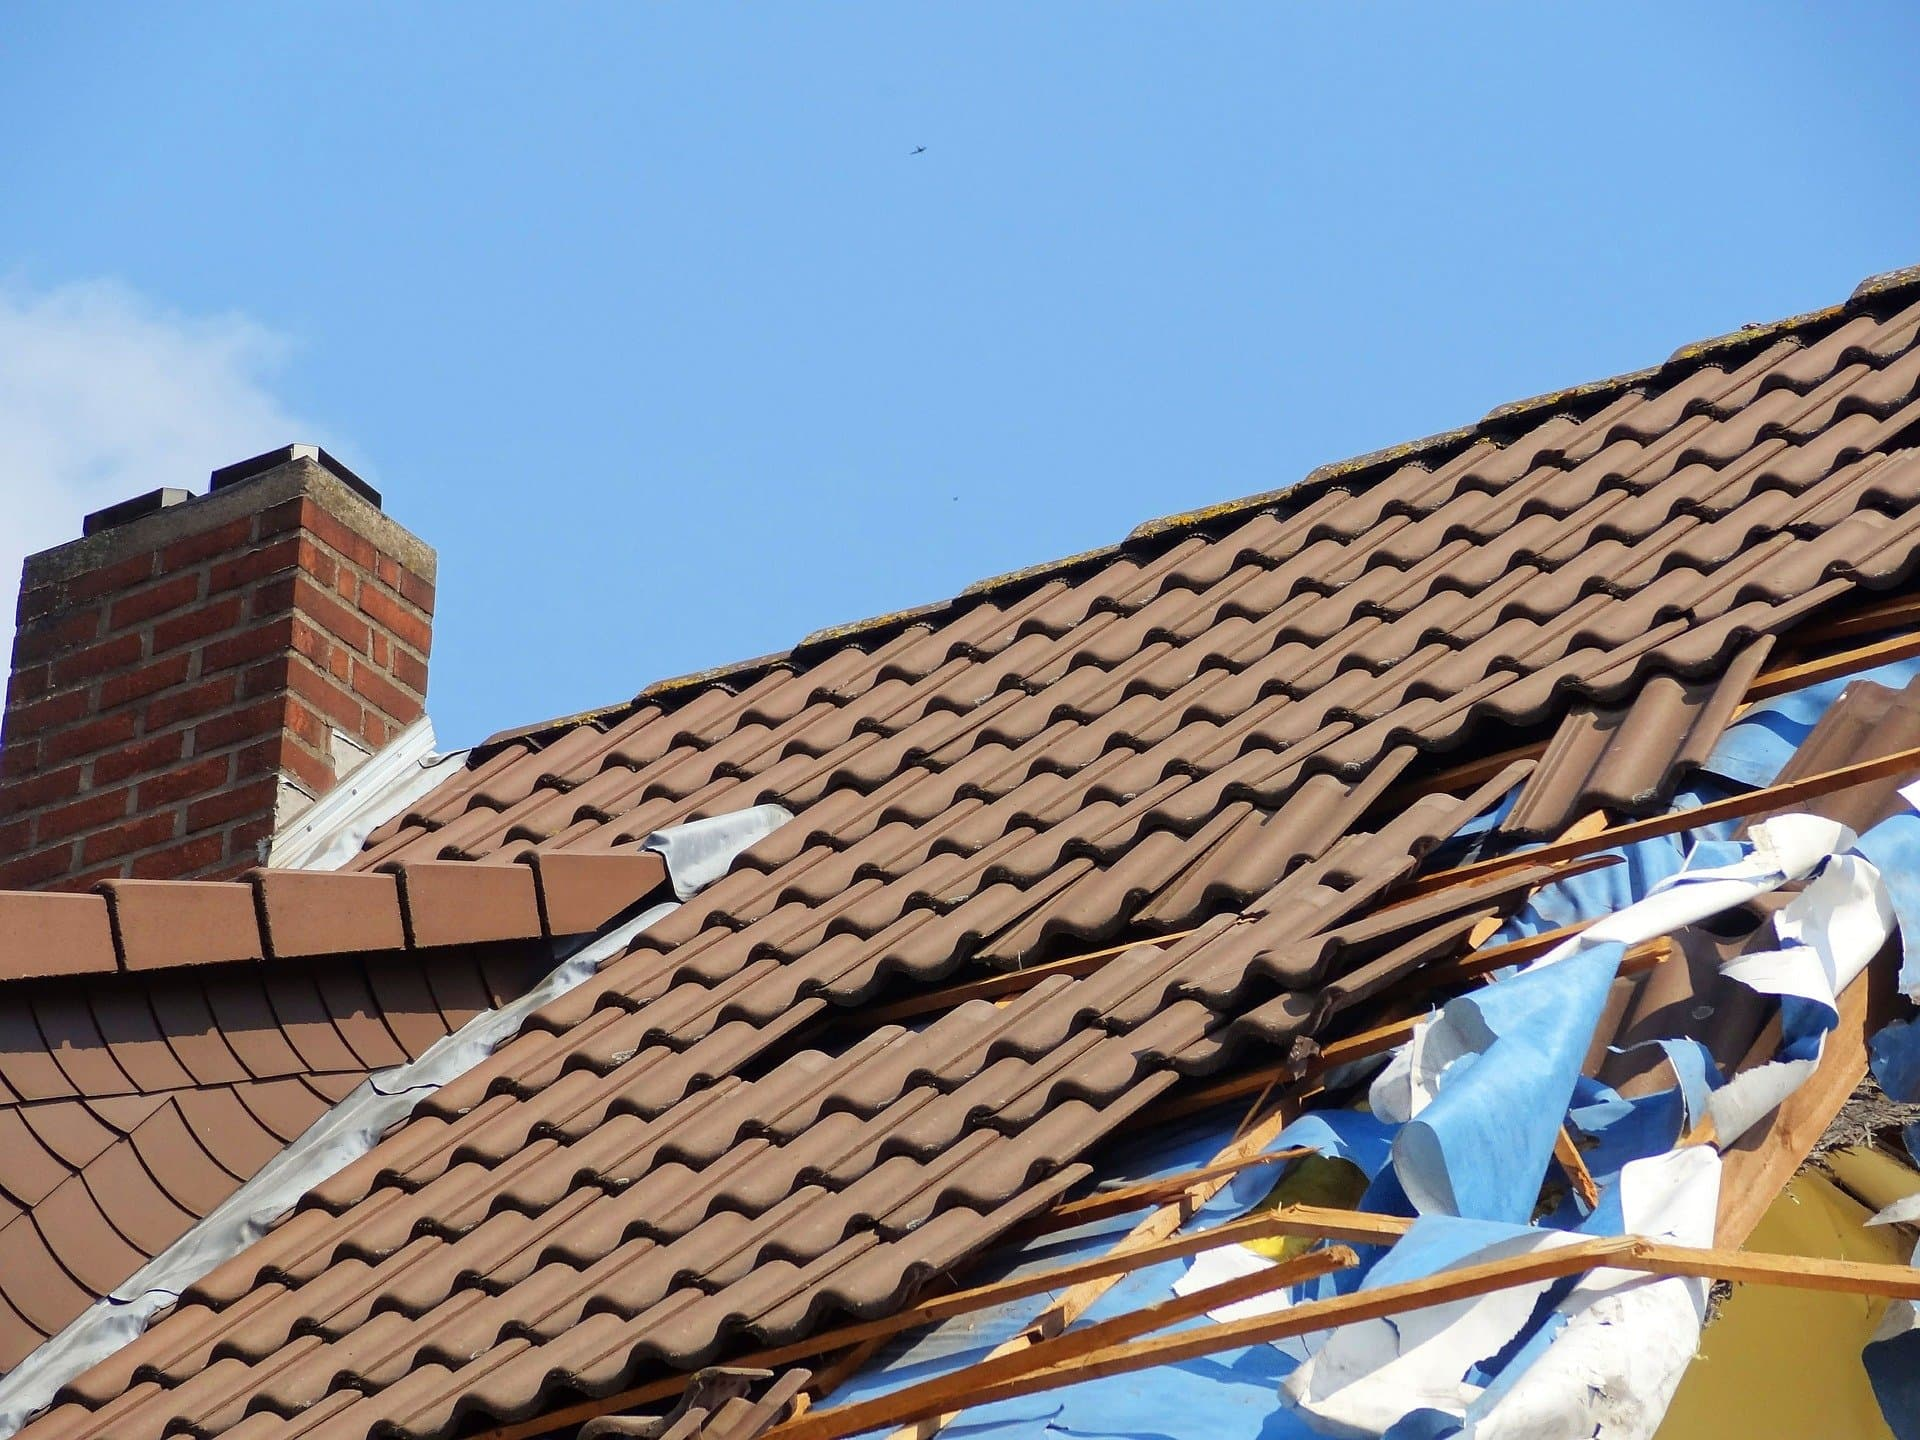 Grundstückseigentümer haften für Schäden durch umherfliegende Bauteile bei Sturm